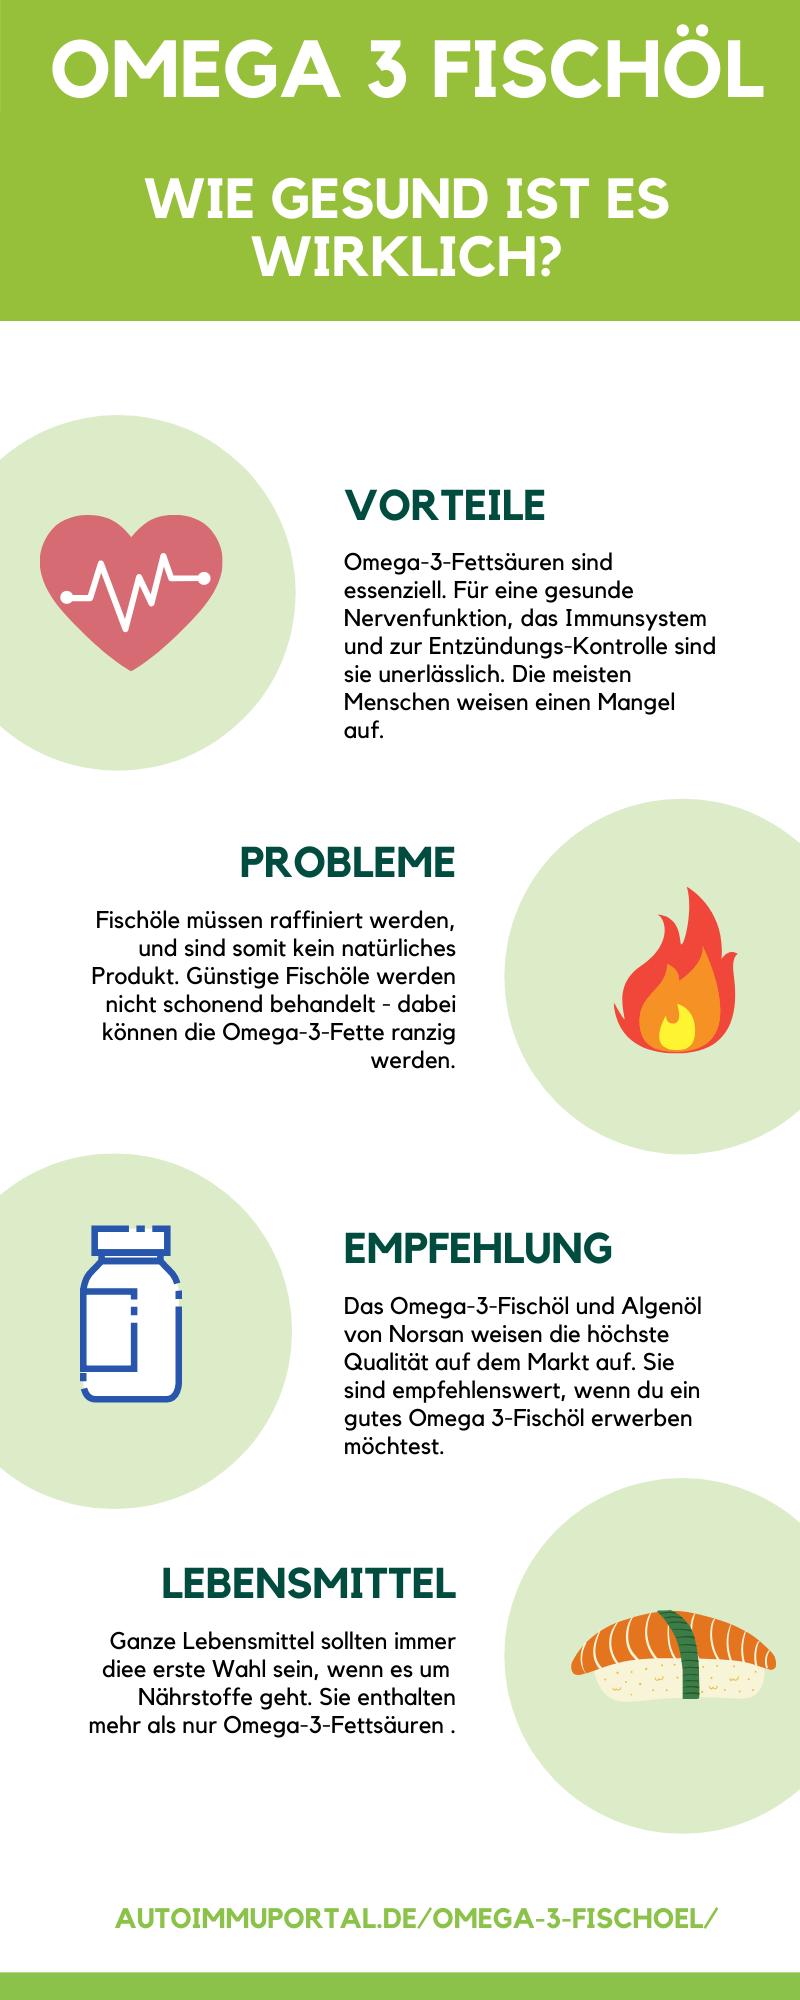 Vorteile und Probleme von Omega 3 Fischöl für die Gesundheit Infographik